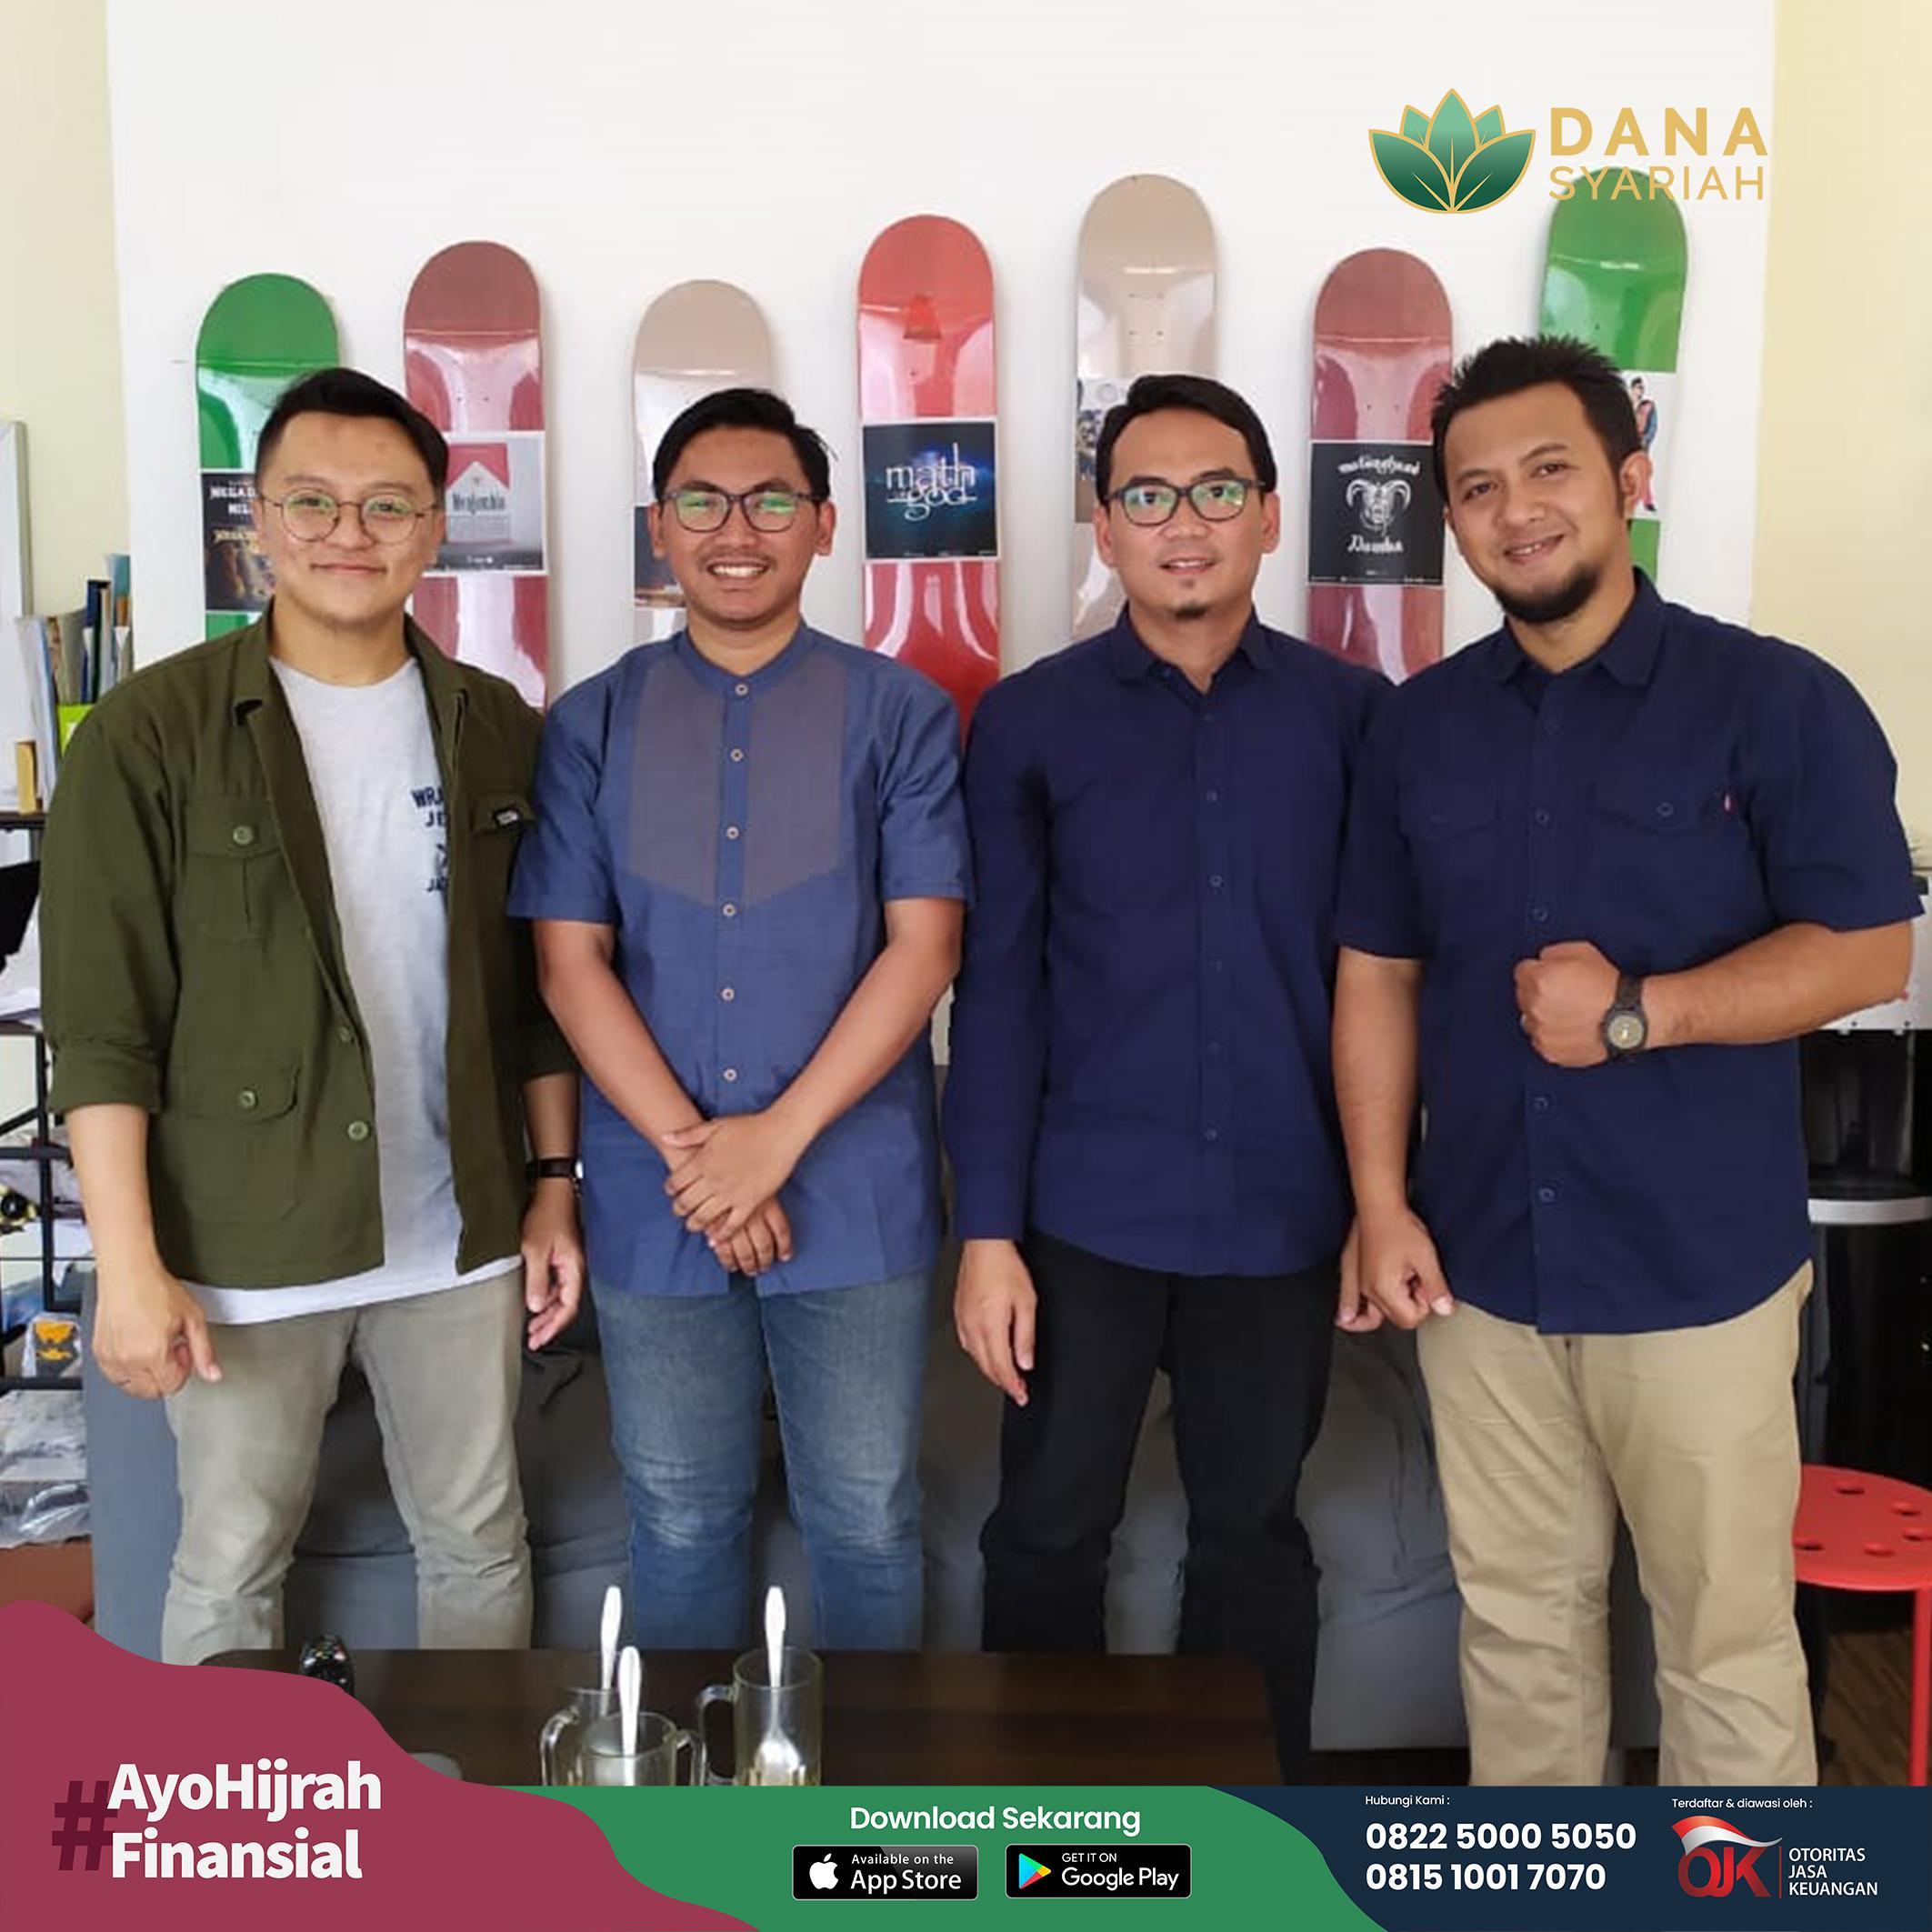 Dana Syariah Silaturahmi dan Audiensi Bersama Gerakan Pemuda Hijrah (SHIFT) di Bandung